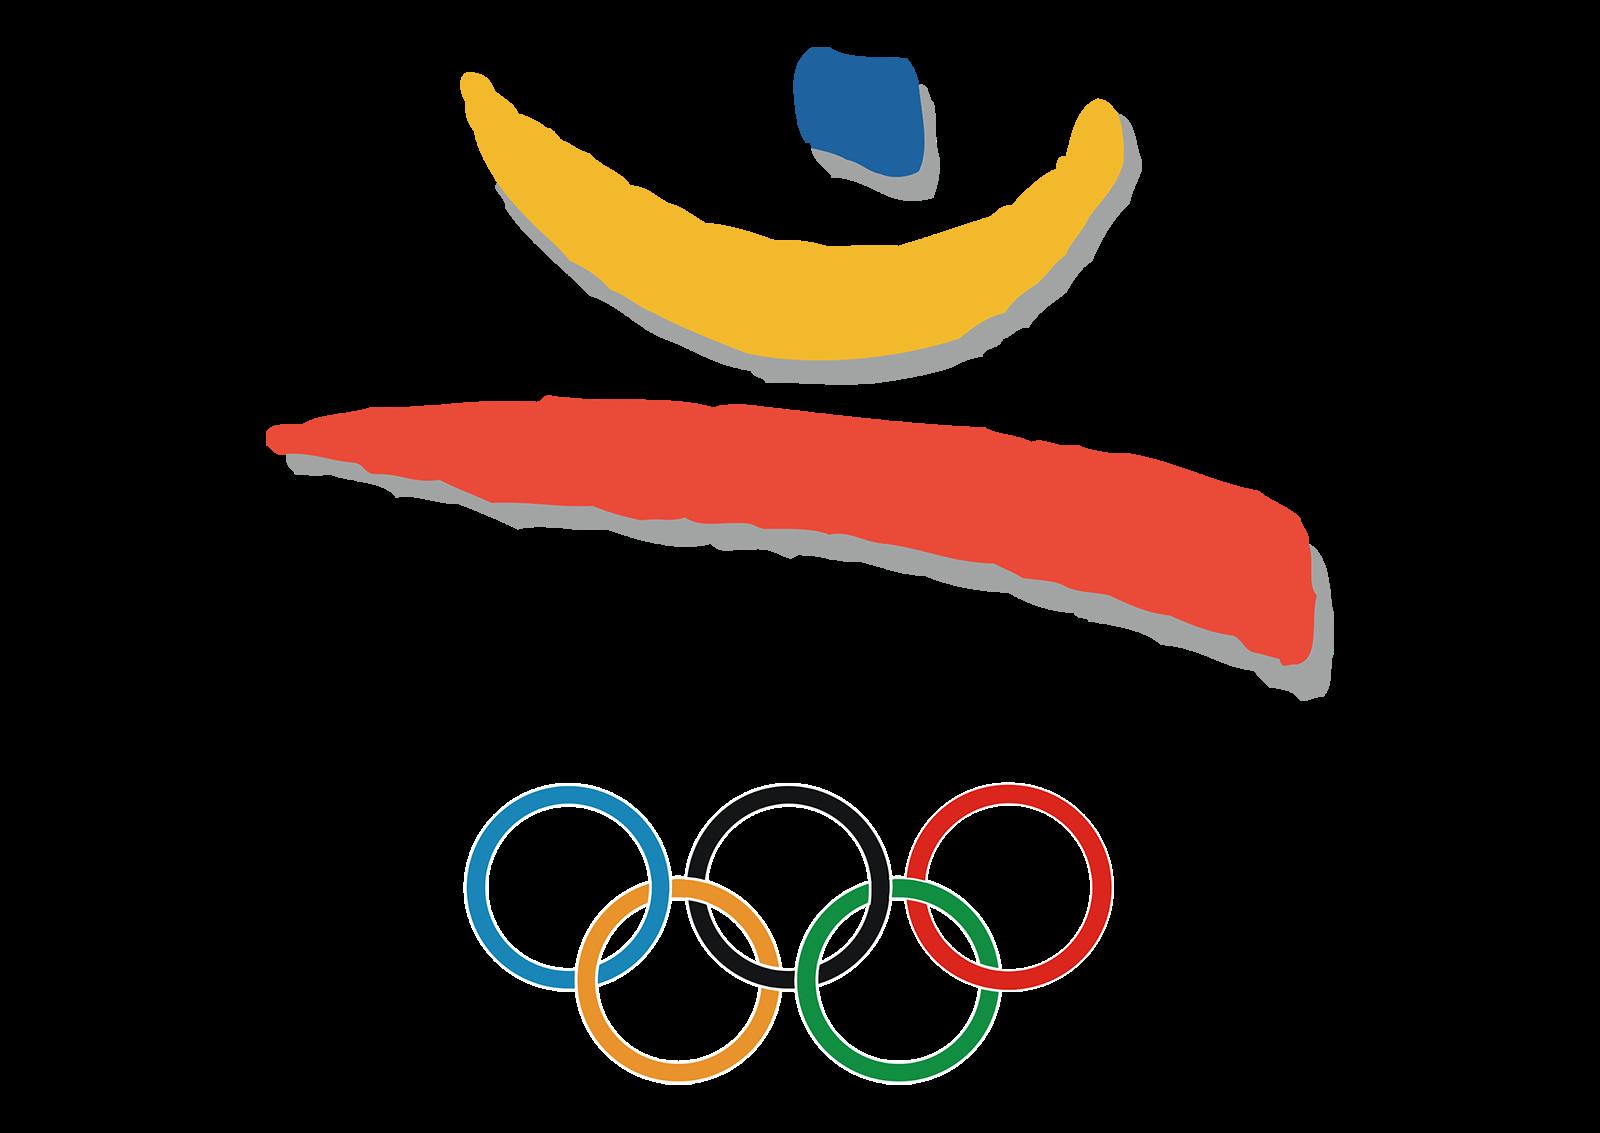 Barcelone – Jeux olympiques d'été de 1992